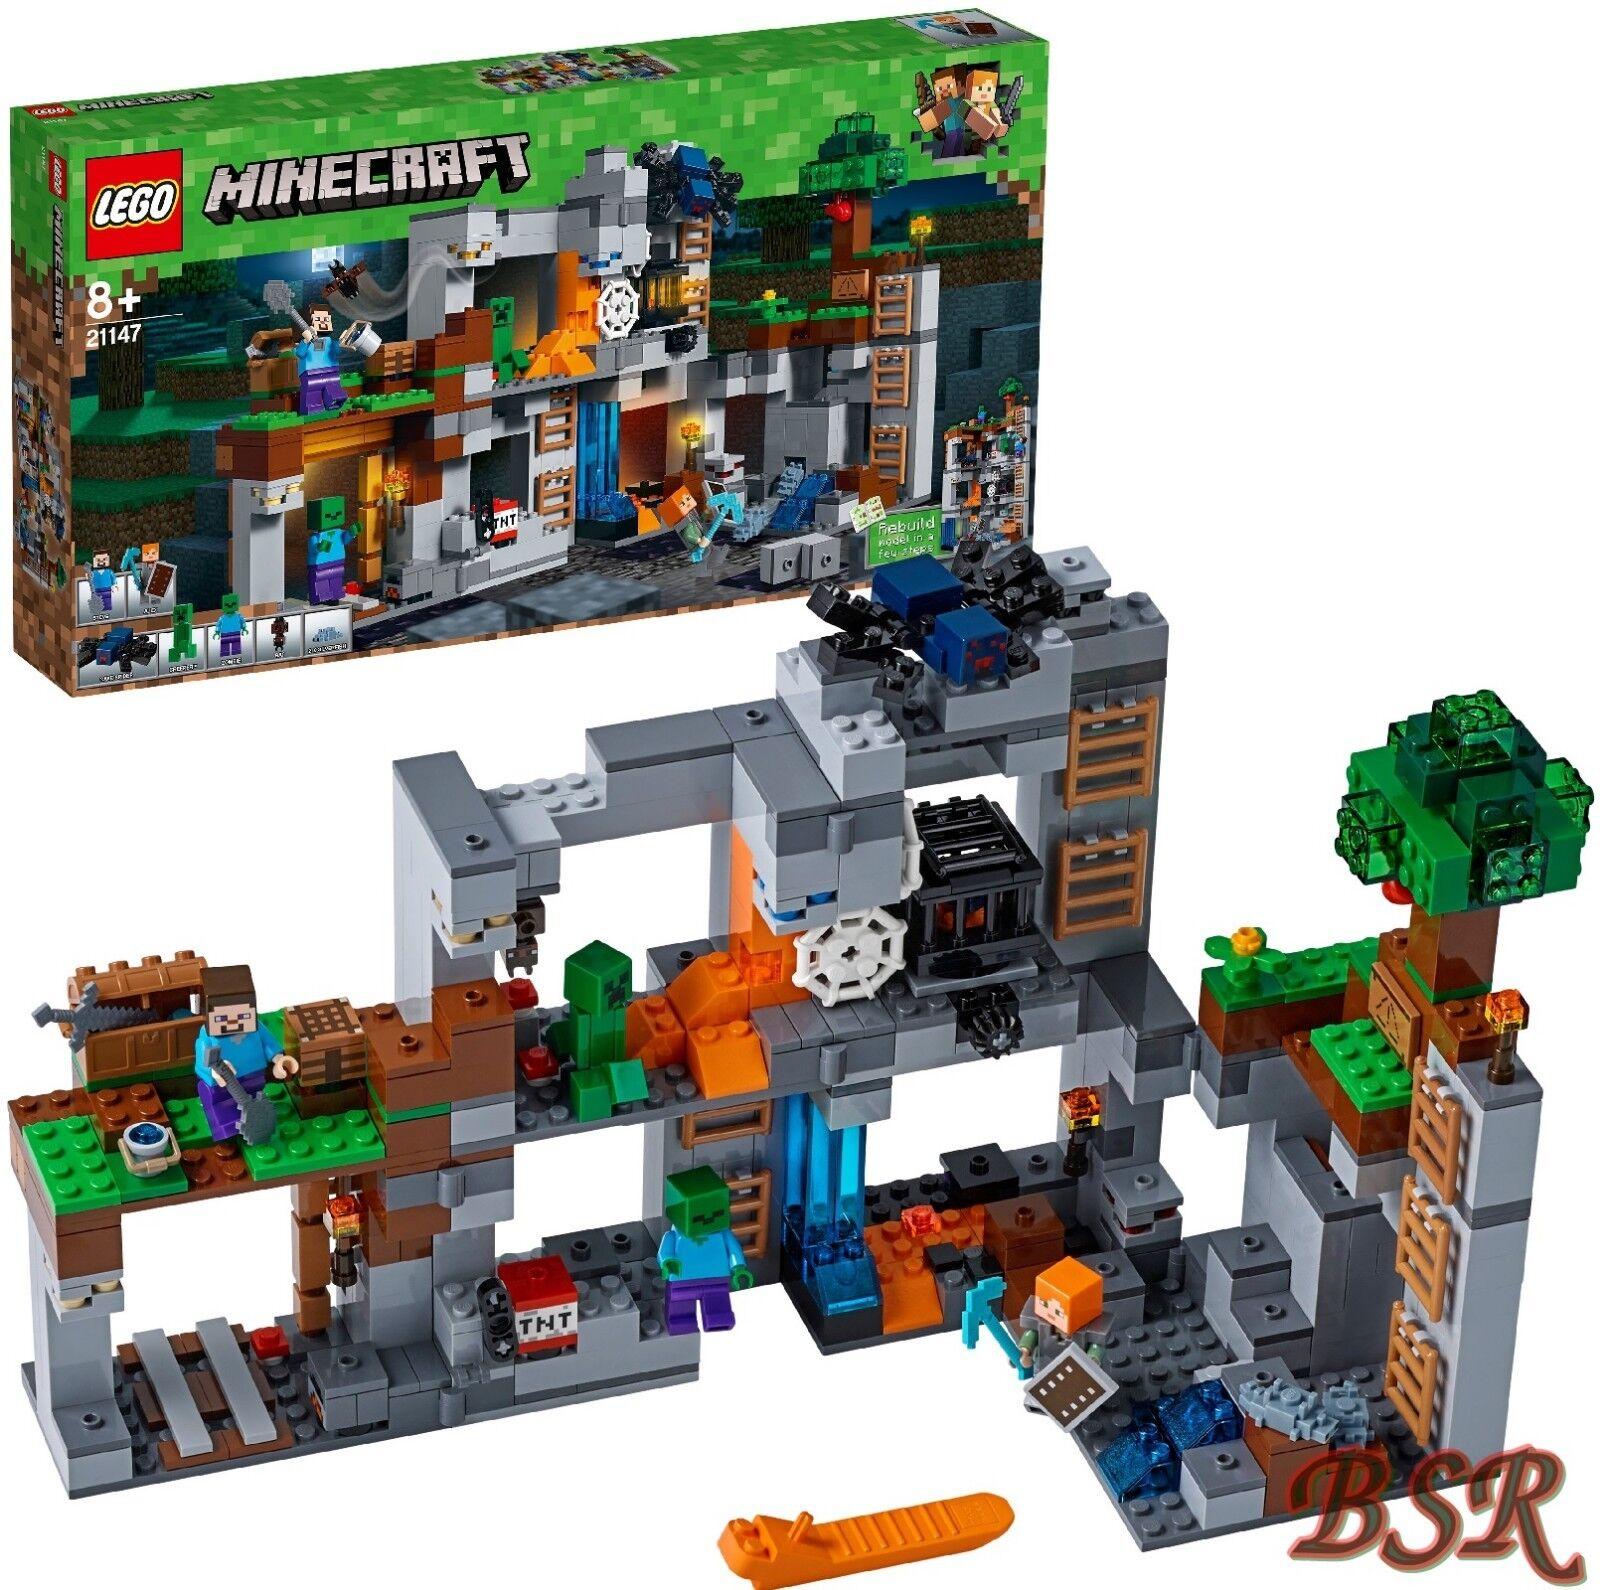 LEGO ® Minecraft  21147 aventures dans les rochers 0. - expédition & NOUVEAU & NEUF dans sa boîte